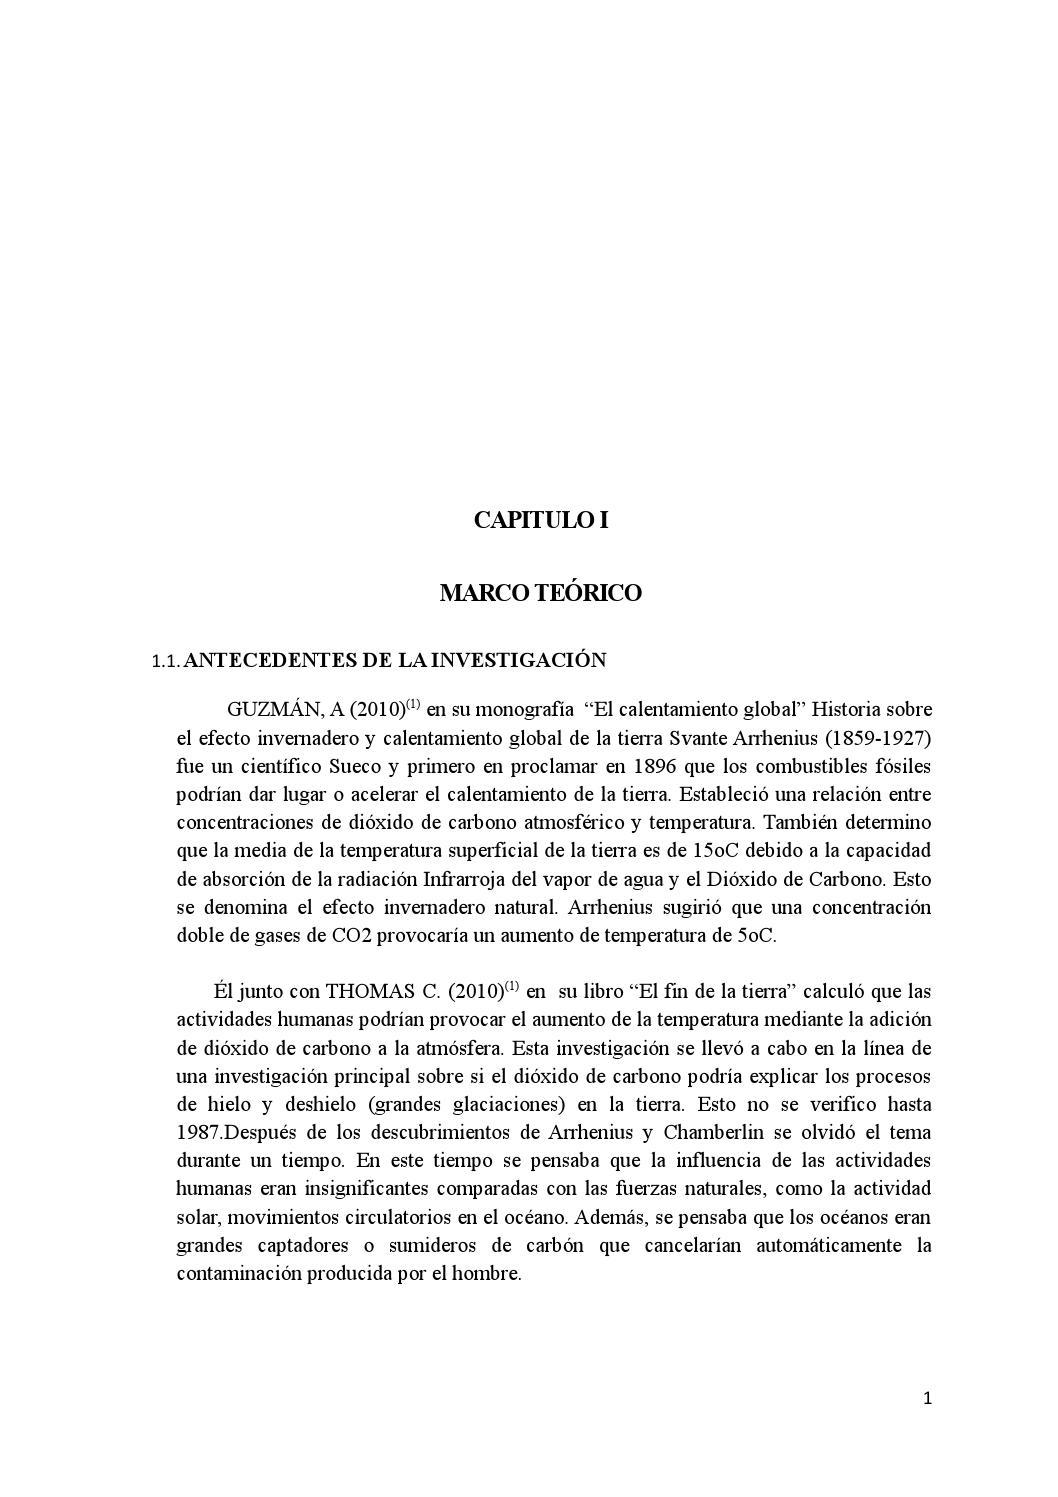 Monografia del calentamiento global parte 2 by Cgr07 - issuu